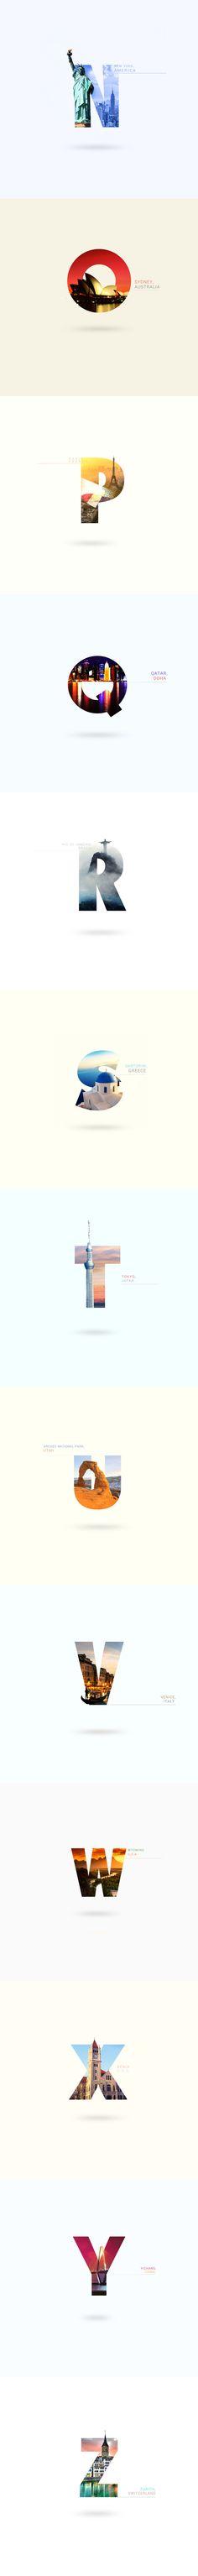 城市旅遊風景字型設計